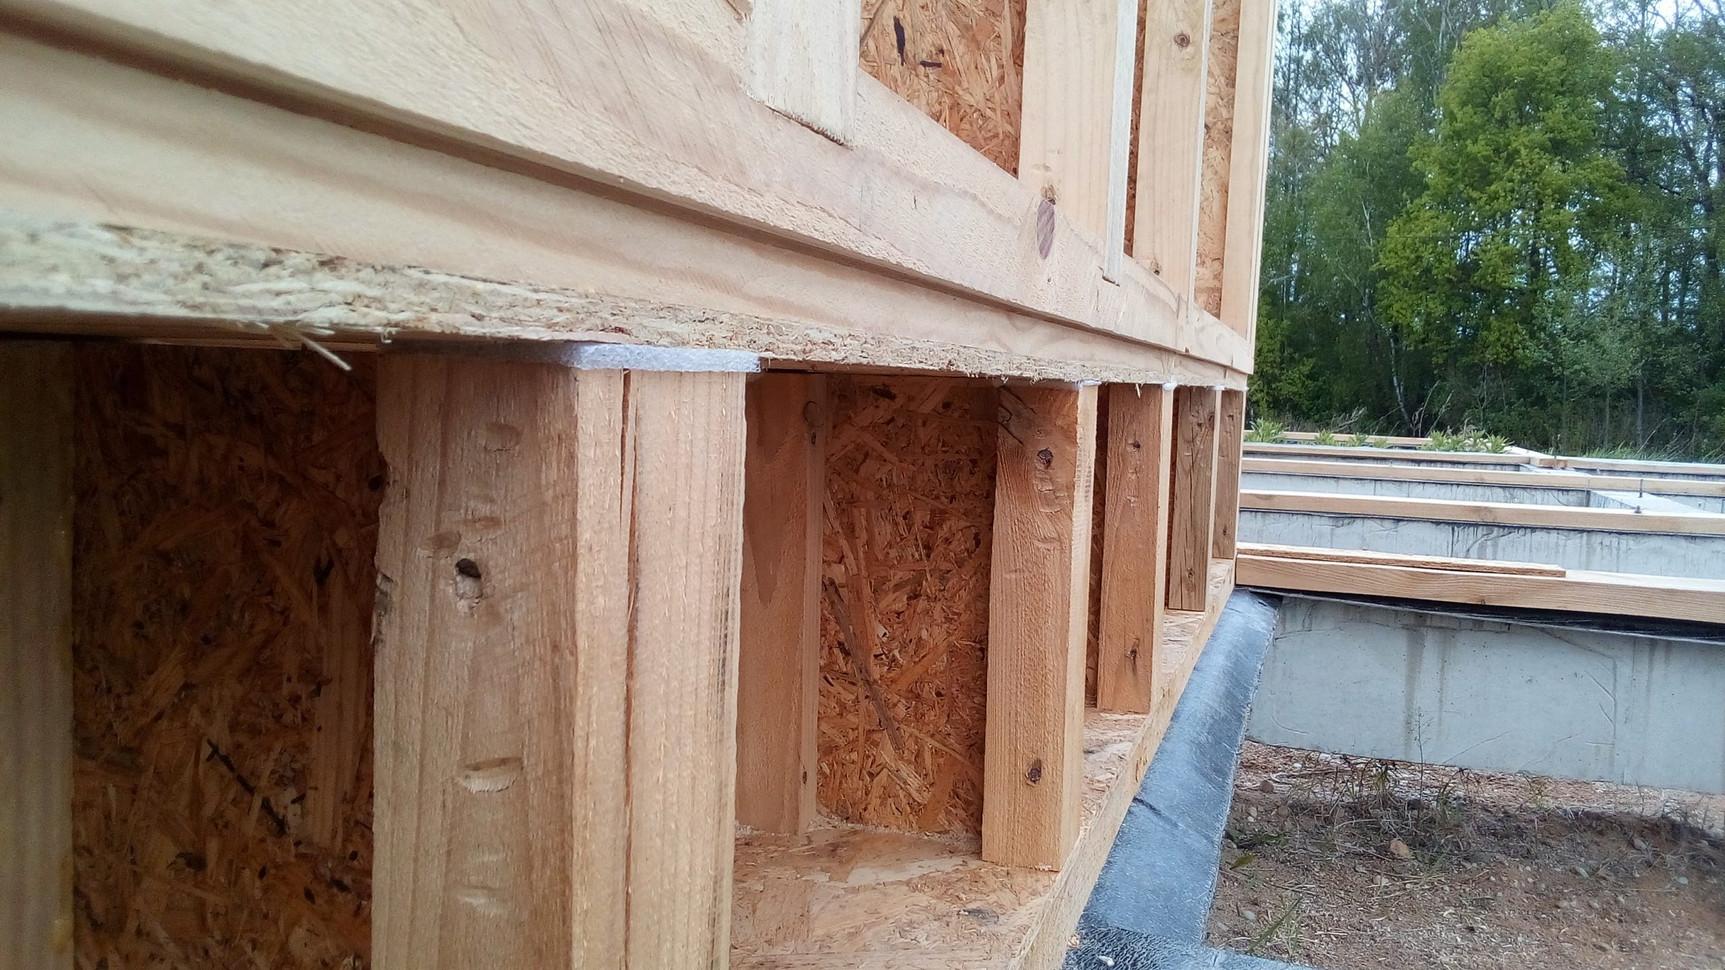 Так-же нижняя обвязка  имеет выбранную четверть для наружной обшивки ОСП некоторых участков стен.